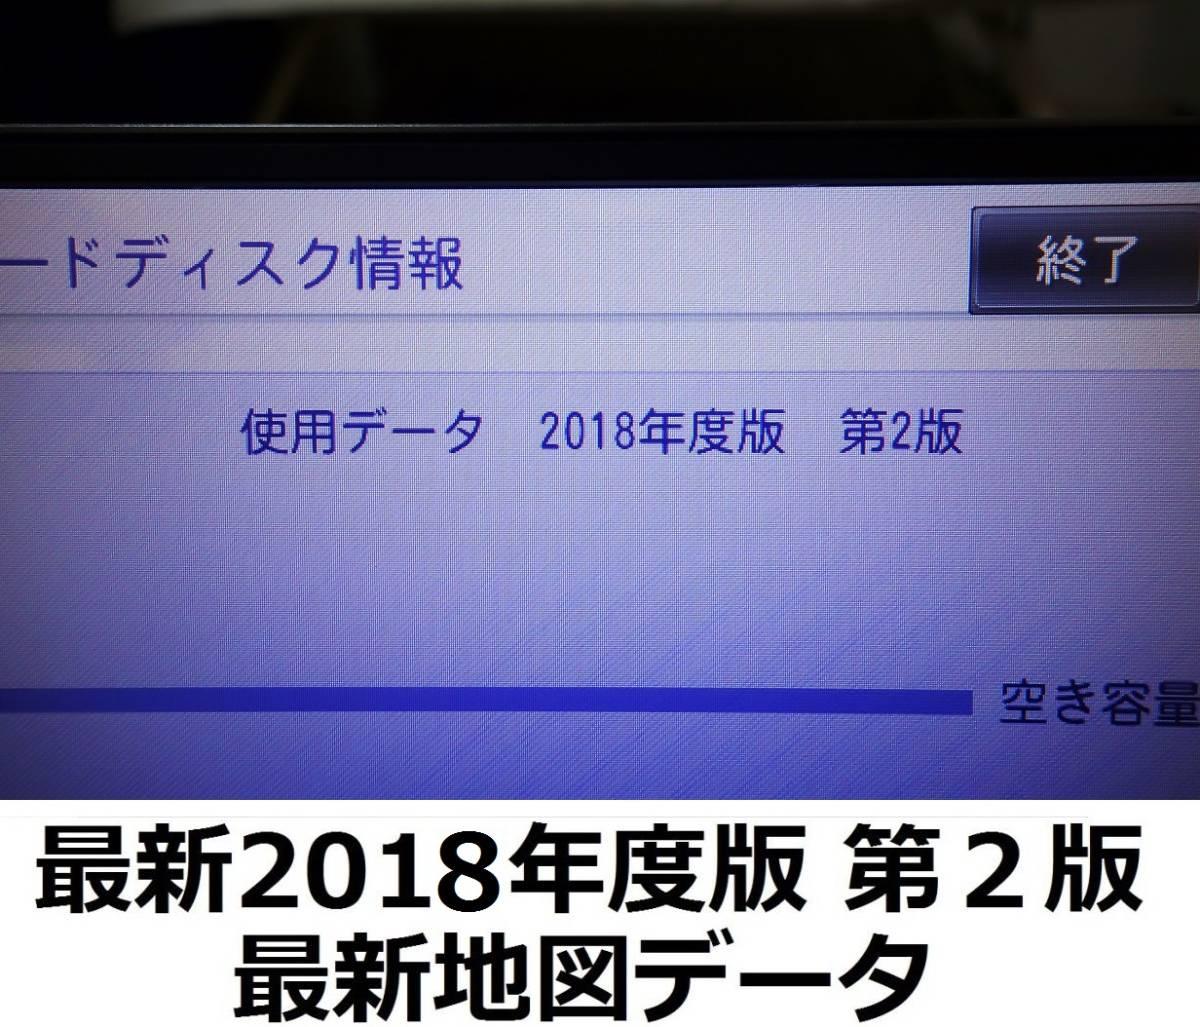 安心6ヶ月保証 最新2018年地図 HRZ900 VICSビーコン付 新品フィルム4枚 フルセグ4×4地デジ内蔵 最新2018年オービス_画像4